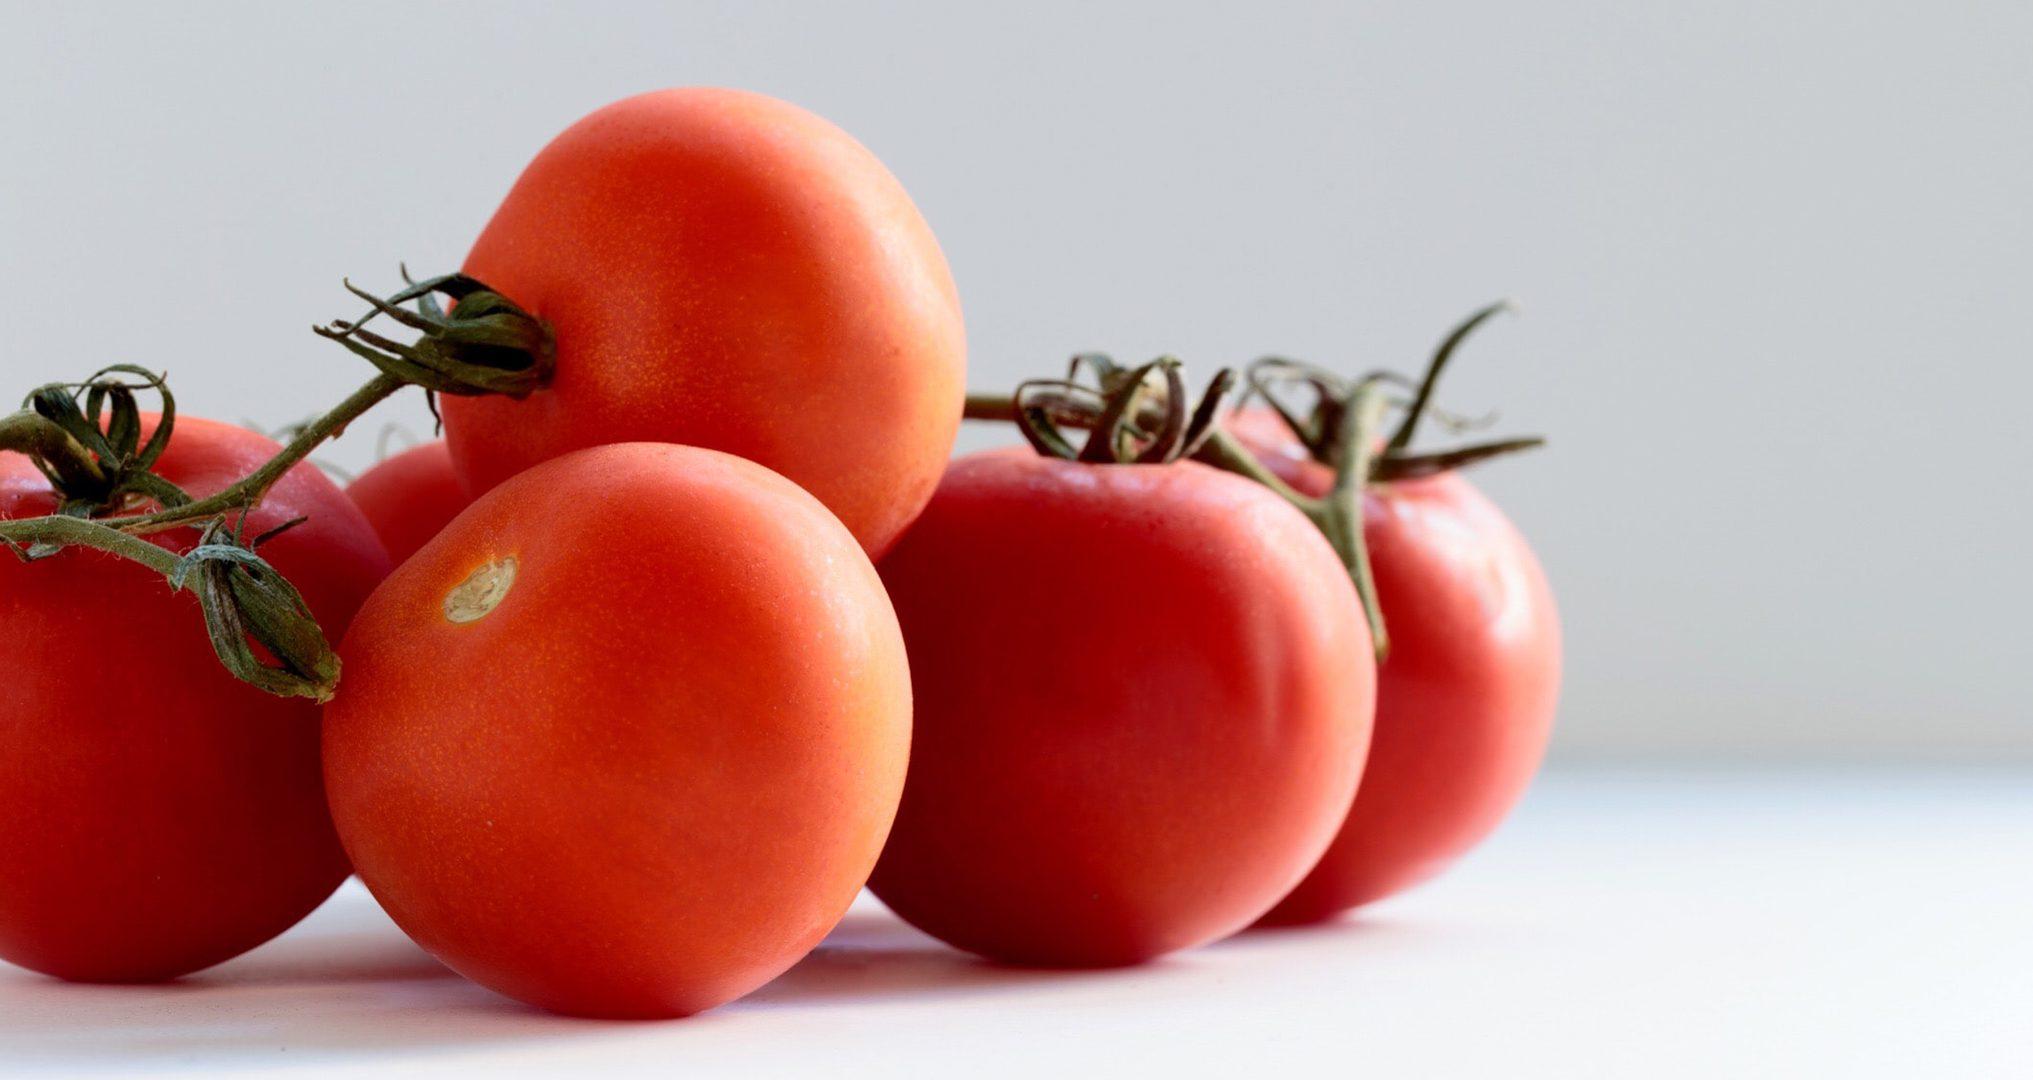 fresh Ray & Mascari tomatoes on white kitchen table